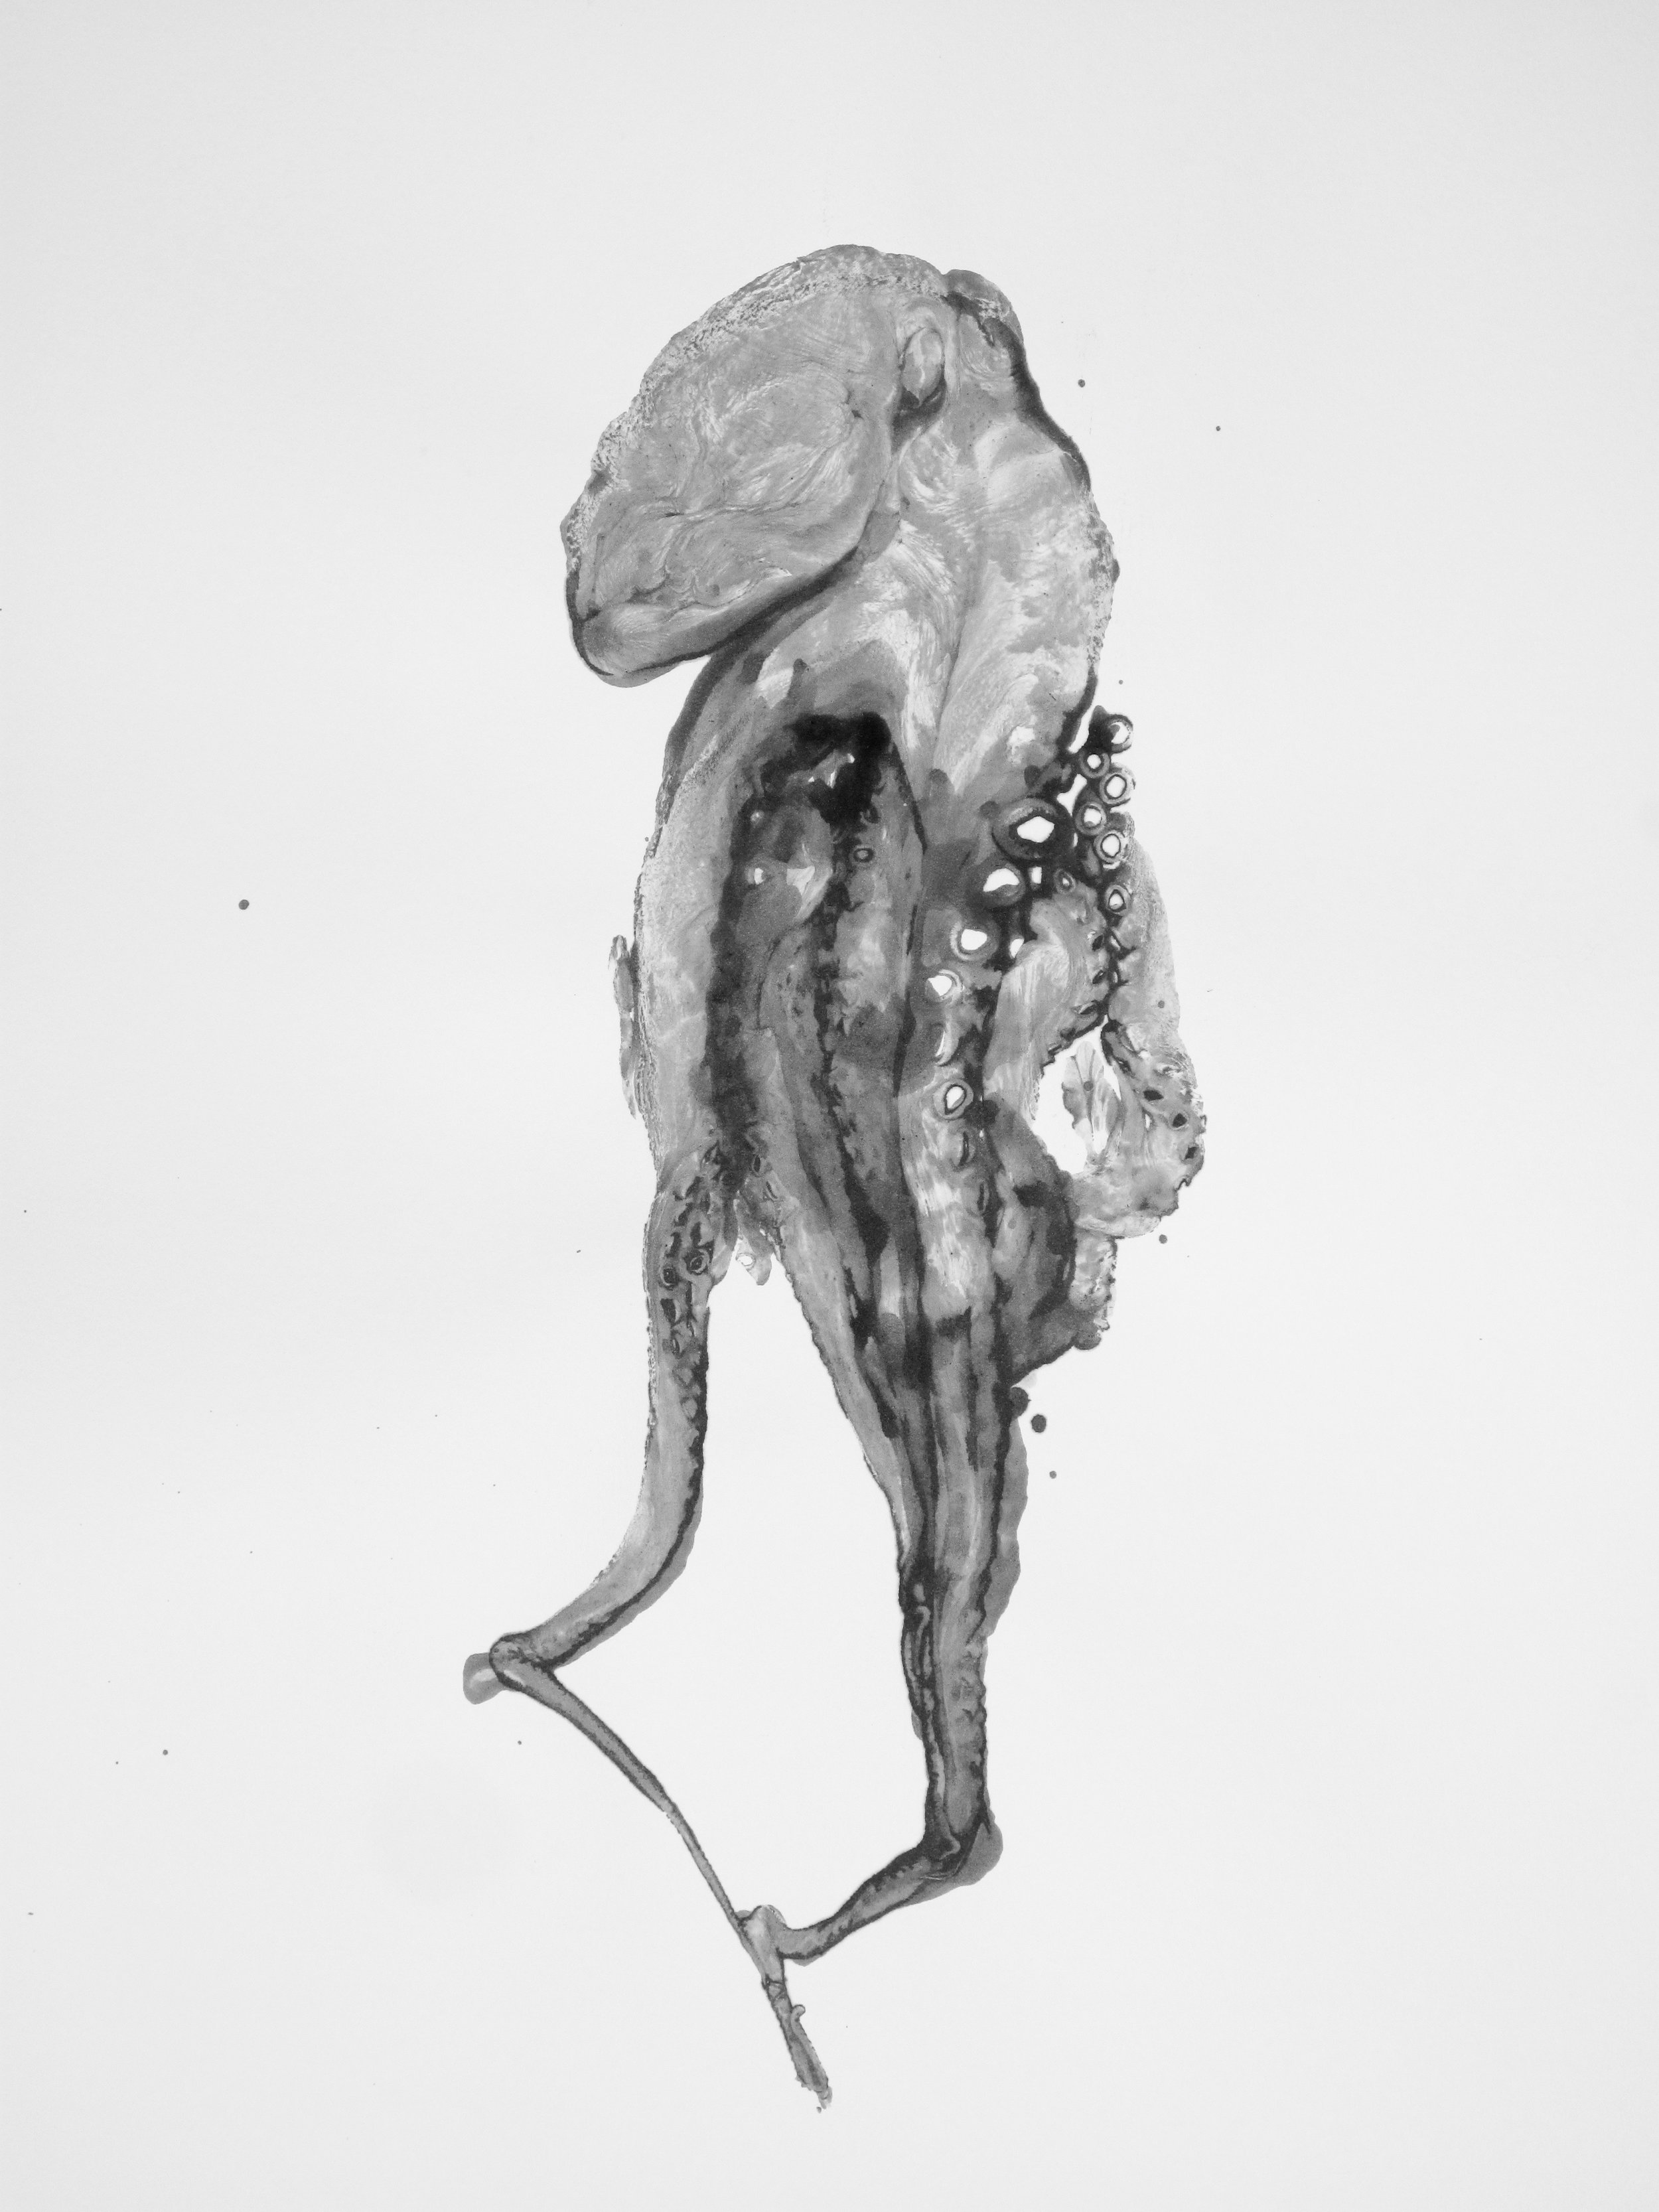 Douglas White,  Octopus 5 , 2016. Encre de poulpe sur papier buvard, 110 cm x 75 cm